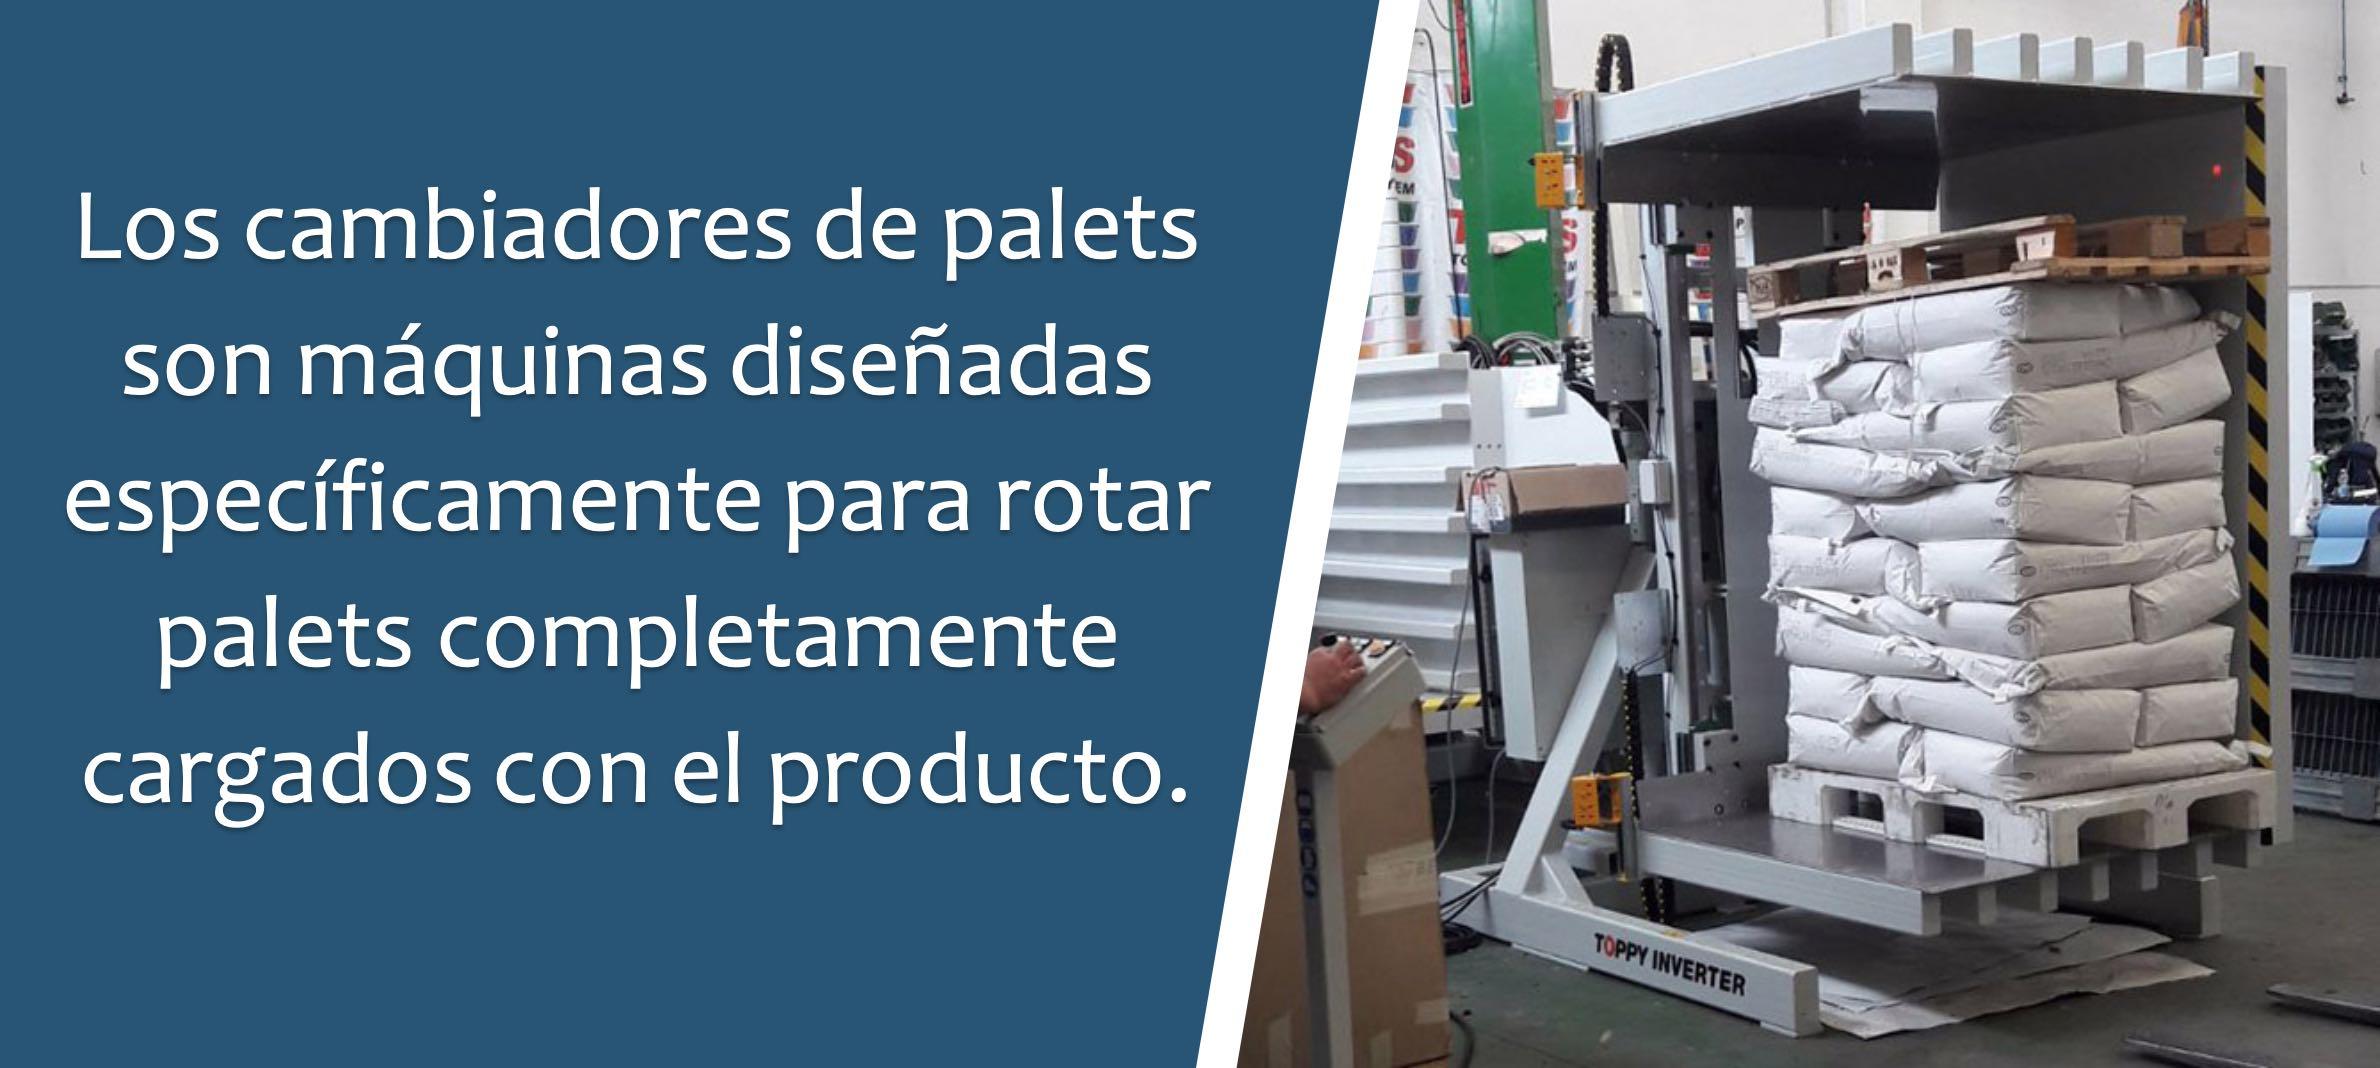 Los cambiadores de palets son máquinas diseñadas específicamente para rotar palets completamente cargados con el producto.